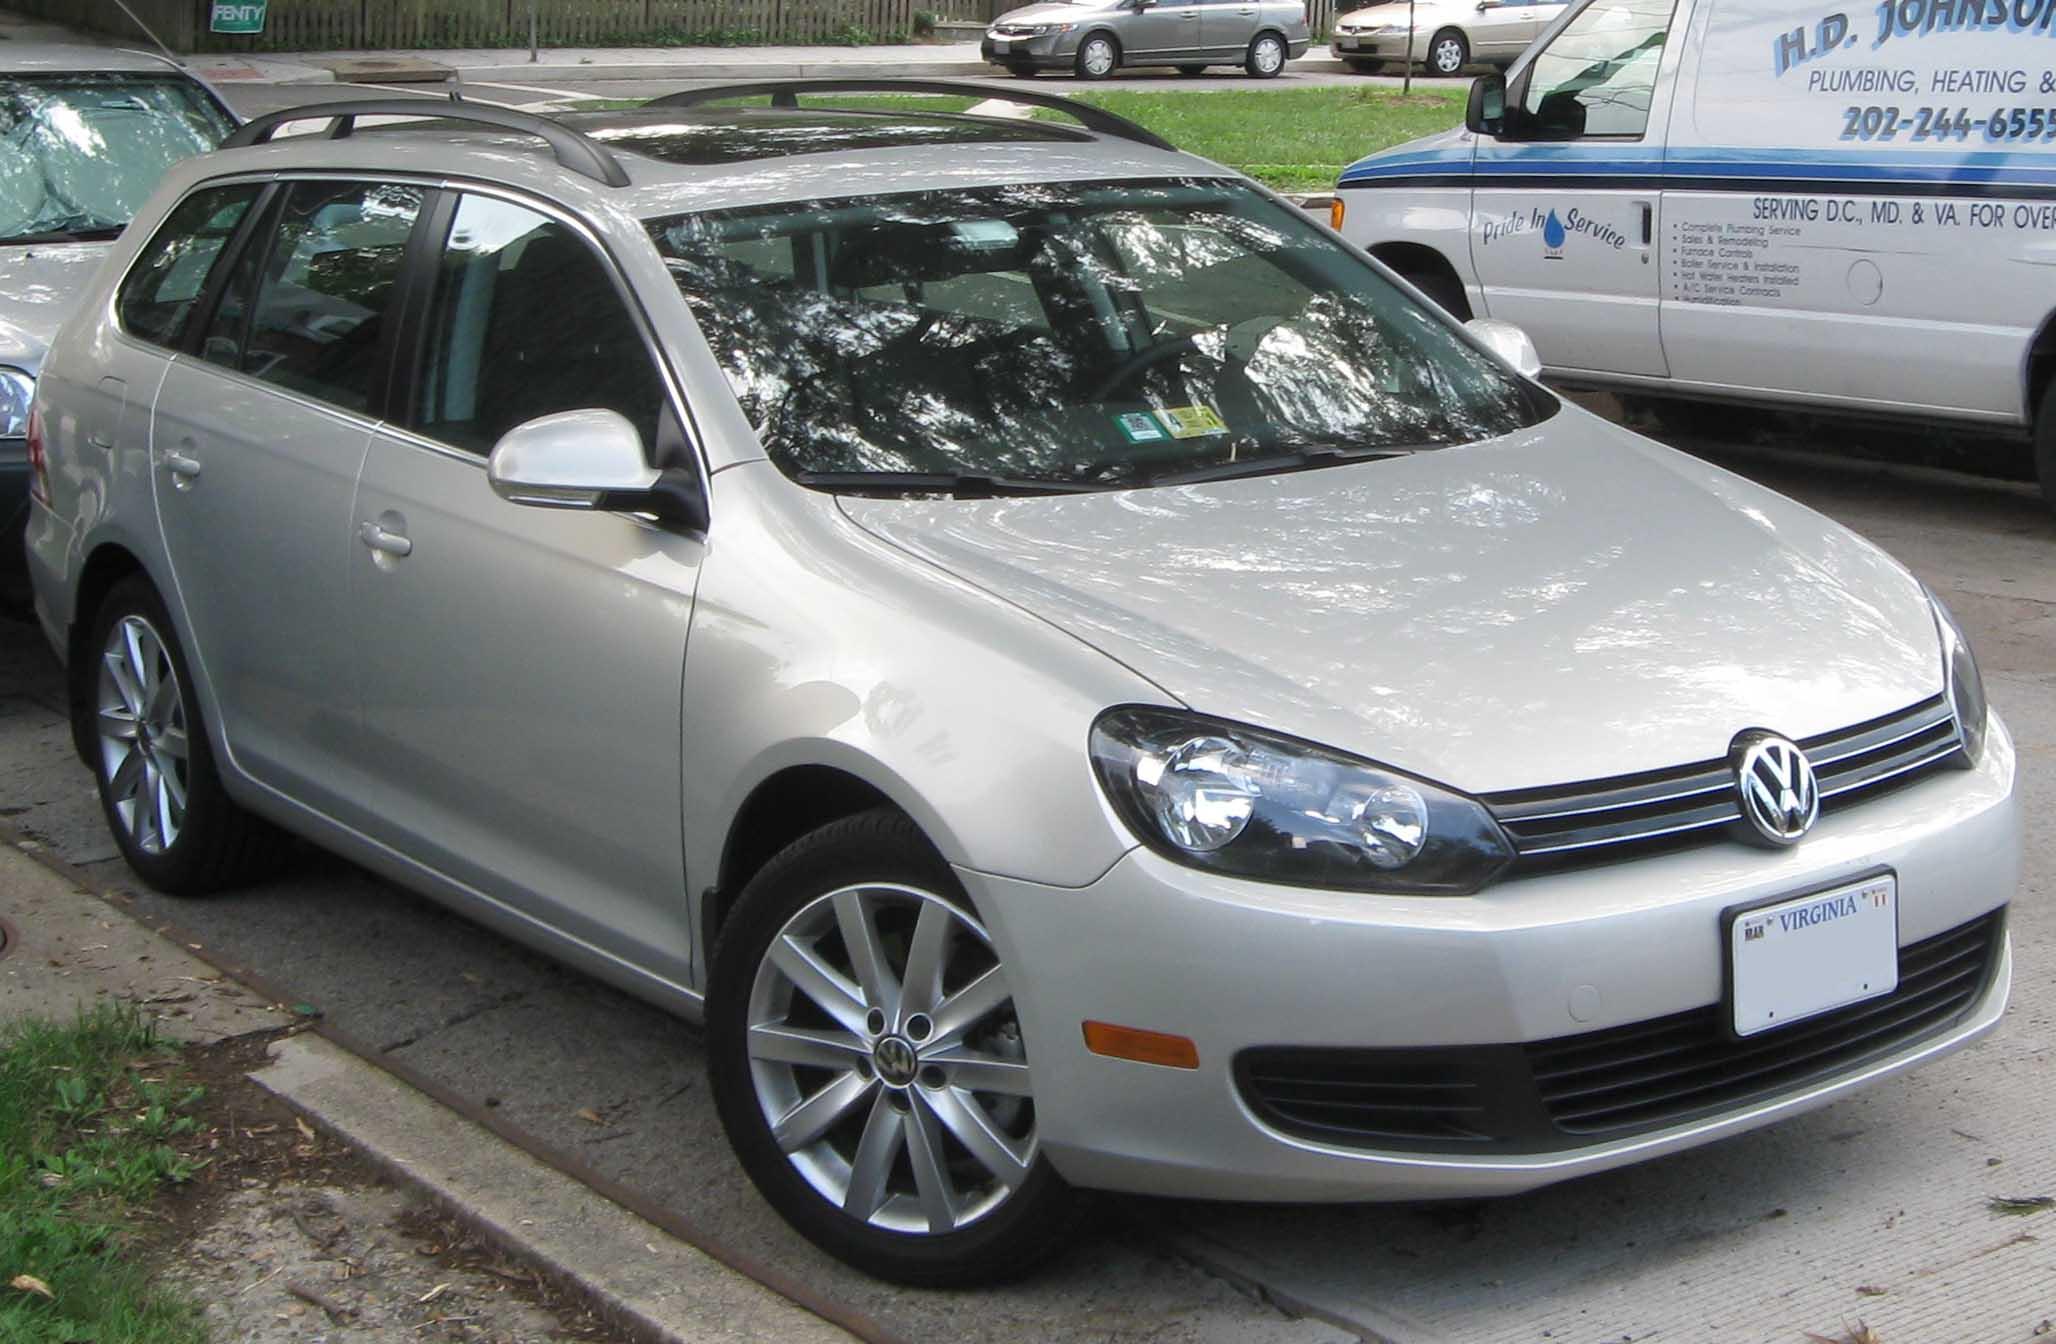 2010 Volkswagen Jetta #27 Volkswagen Jetta #27